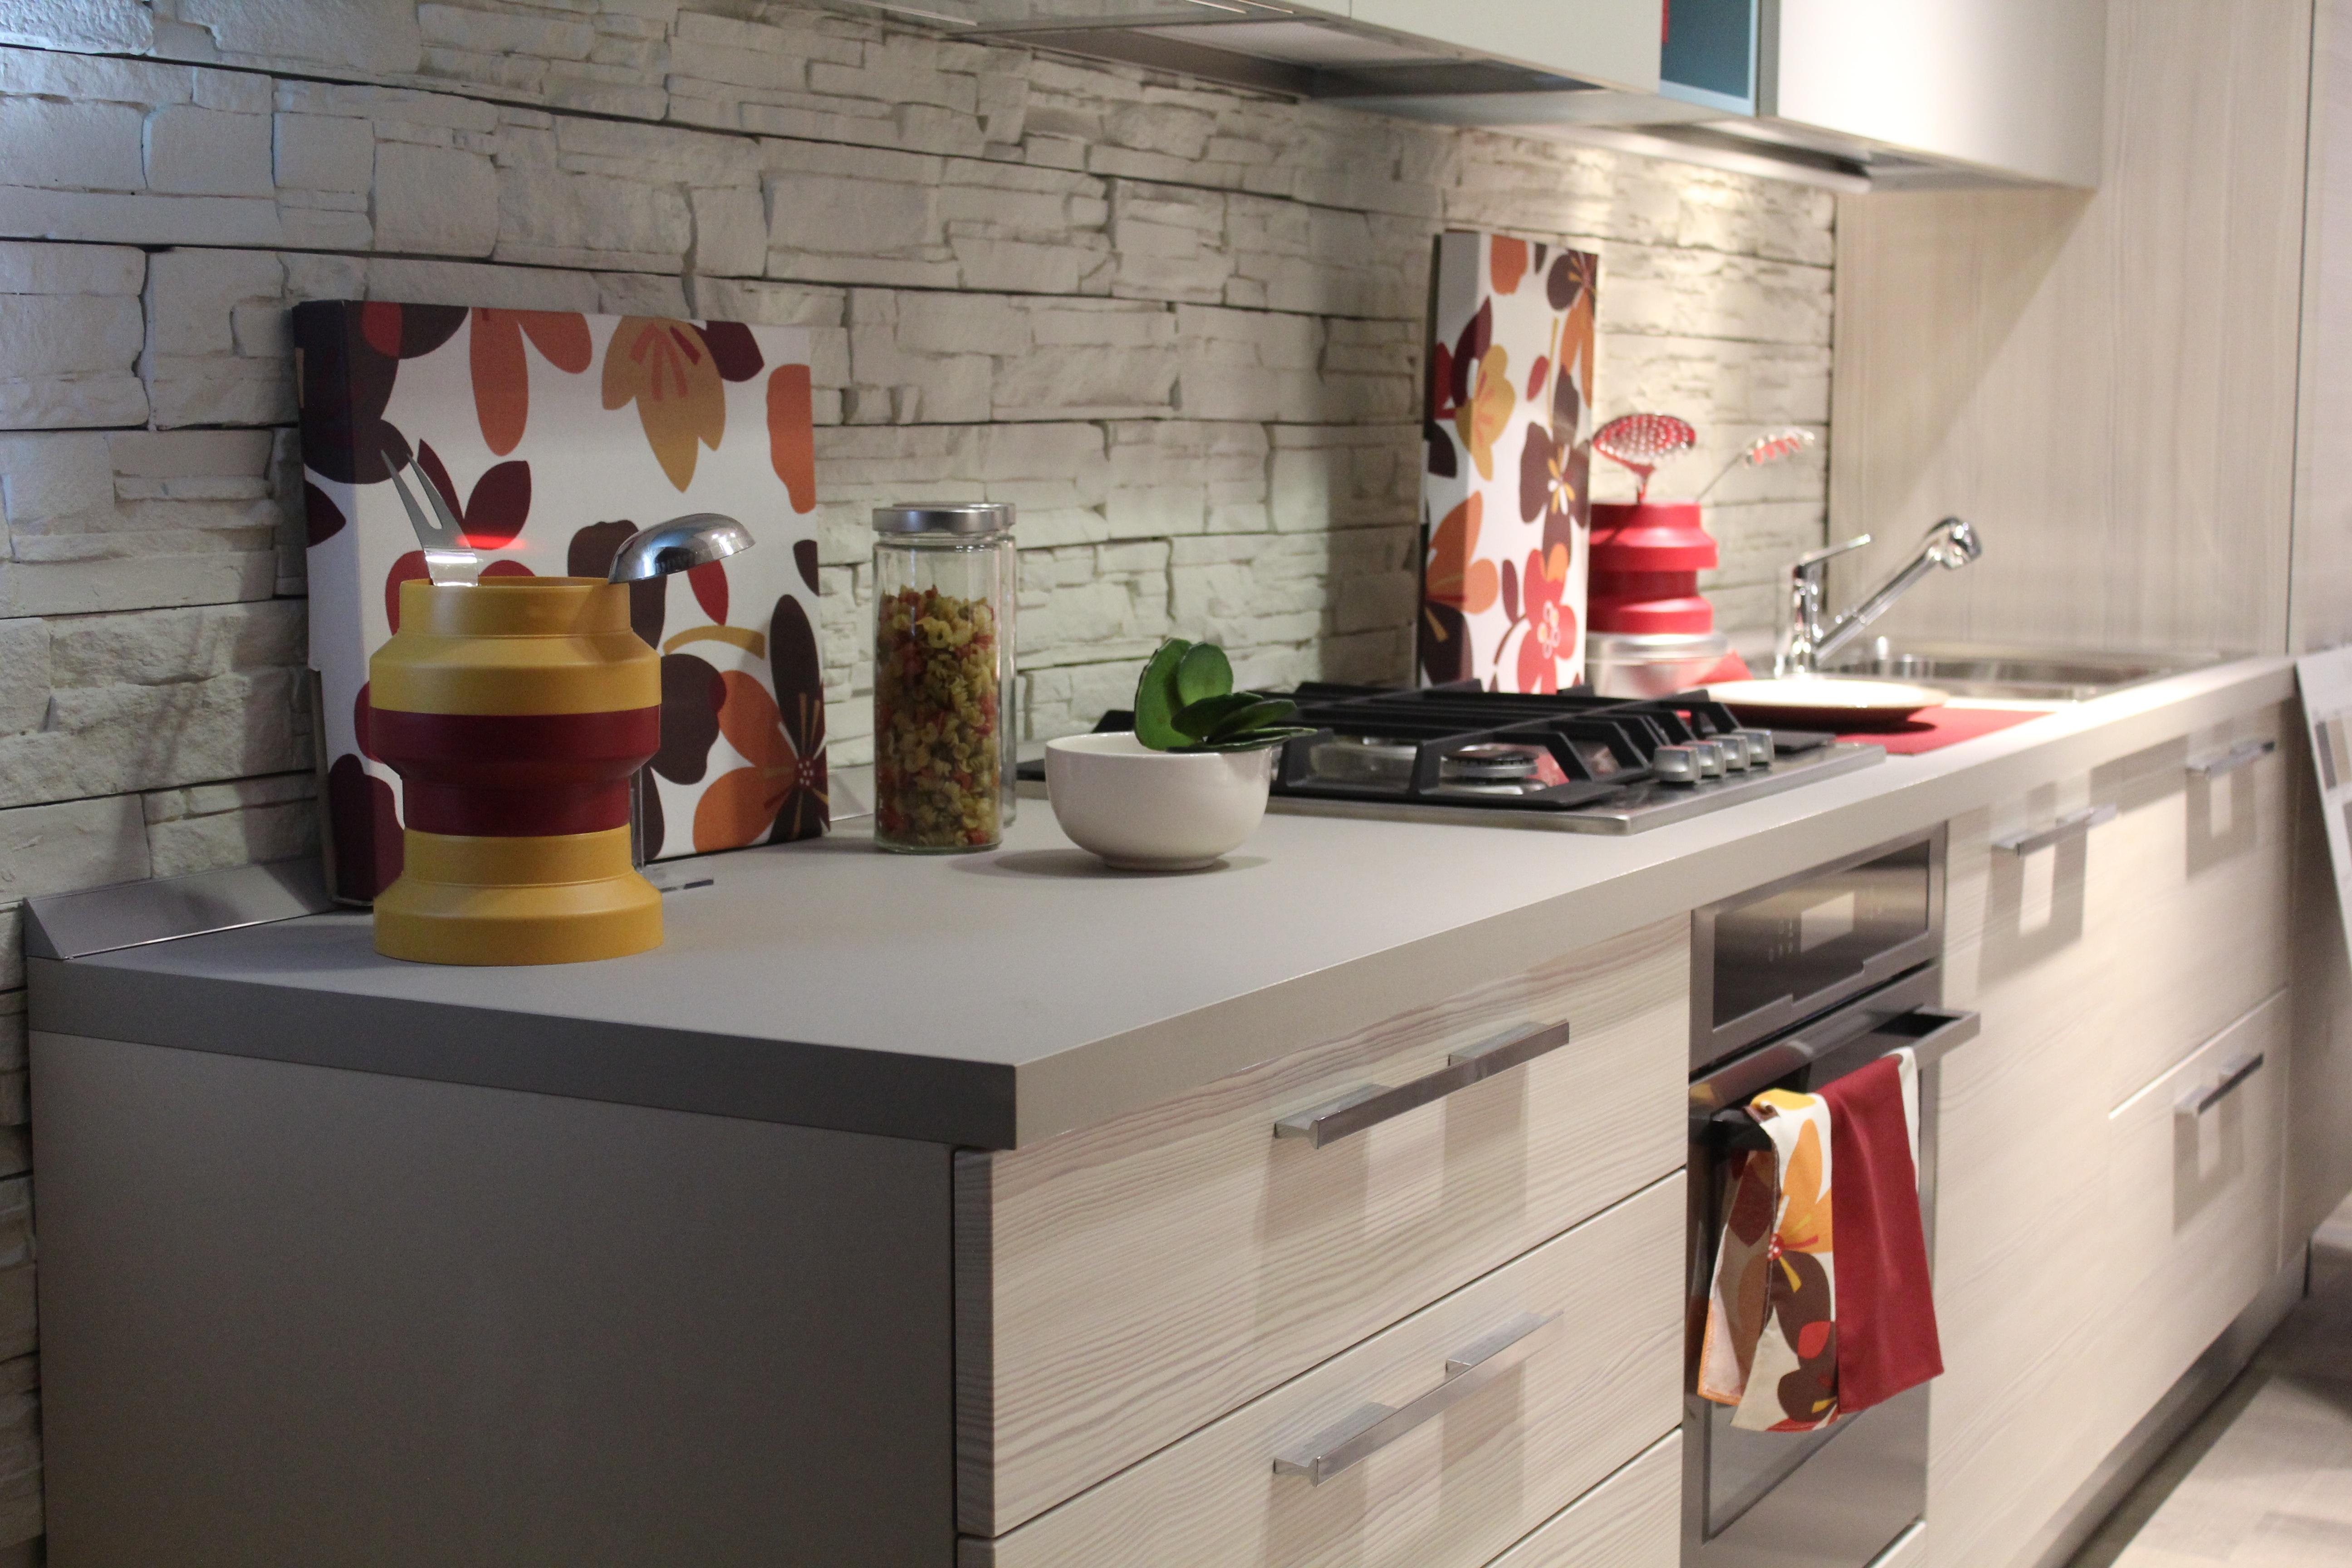 Wie gestalte ich meine Küchenrückwand? | baylango ✪ Küchen-Blog